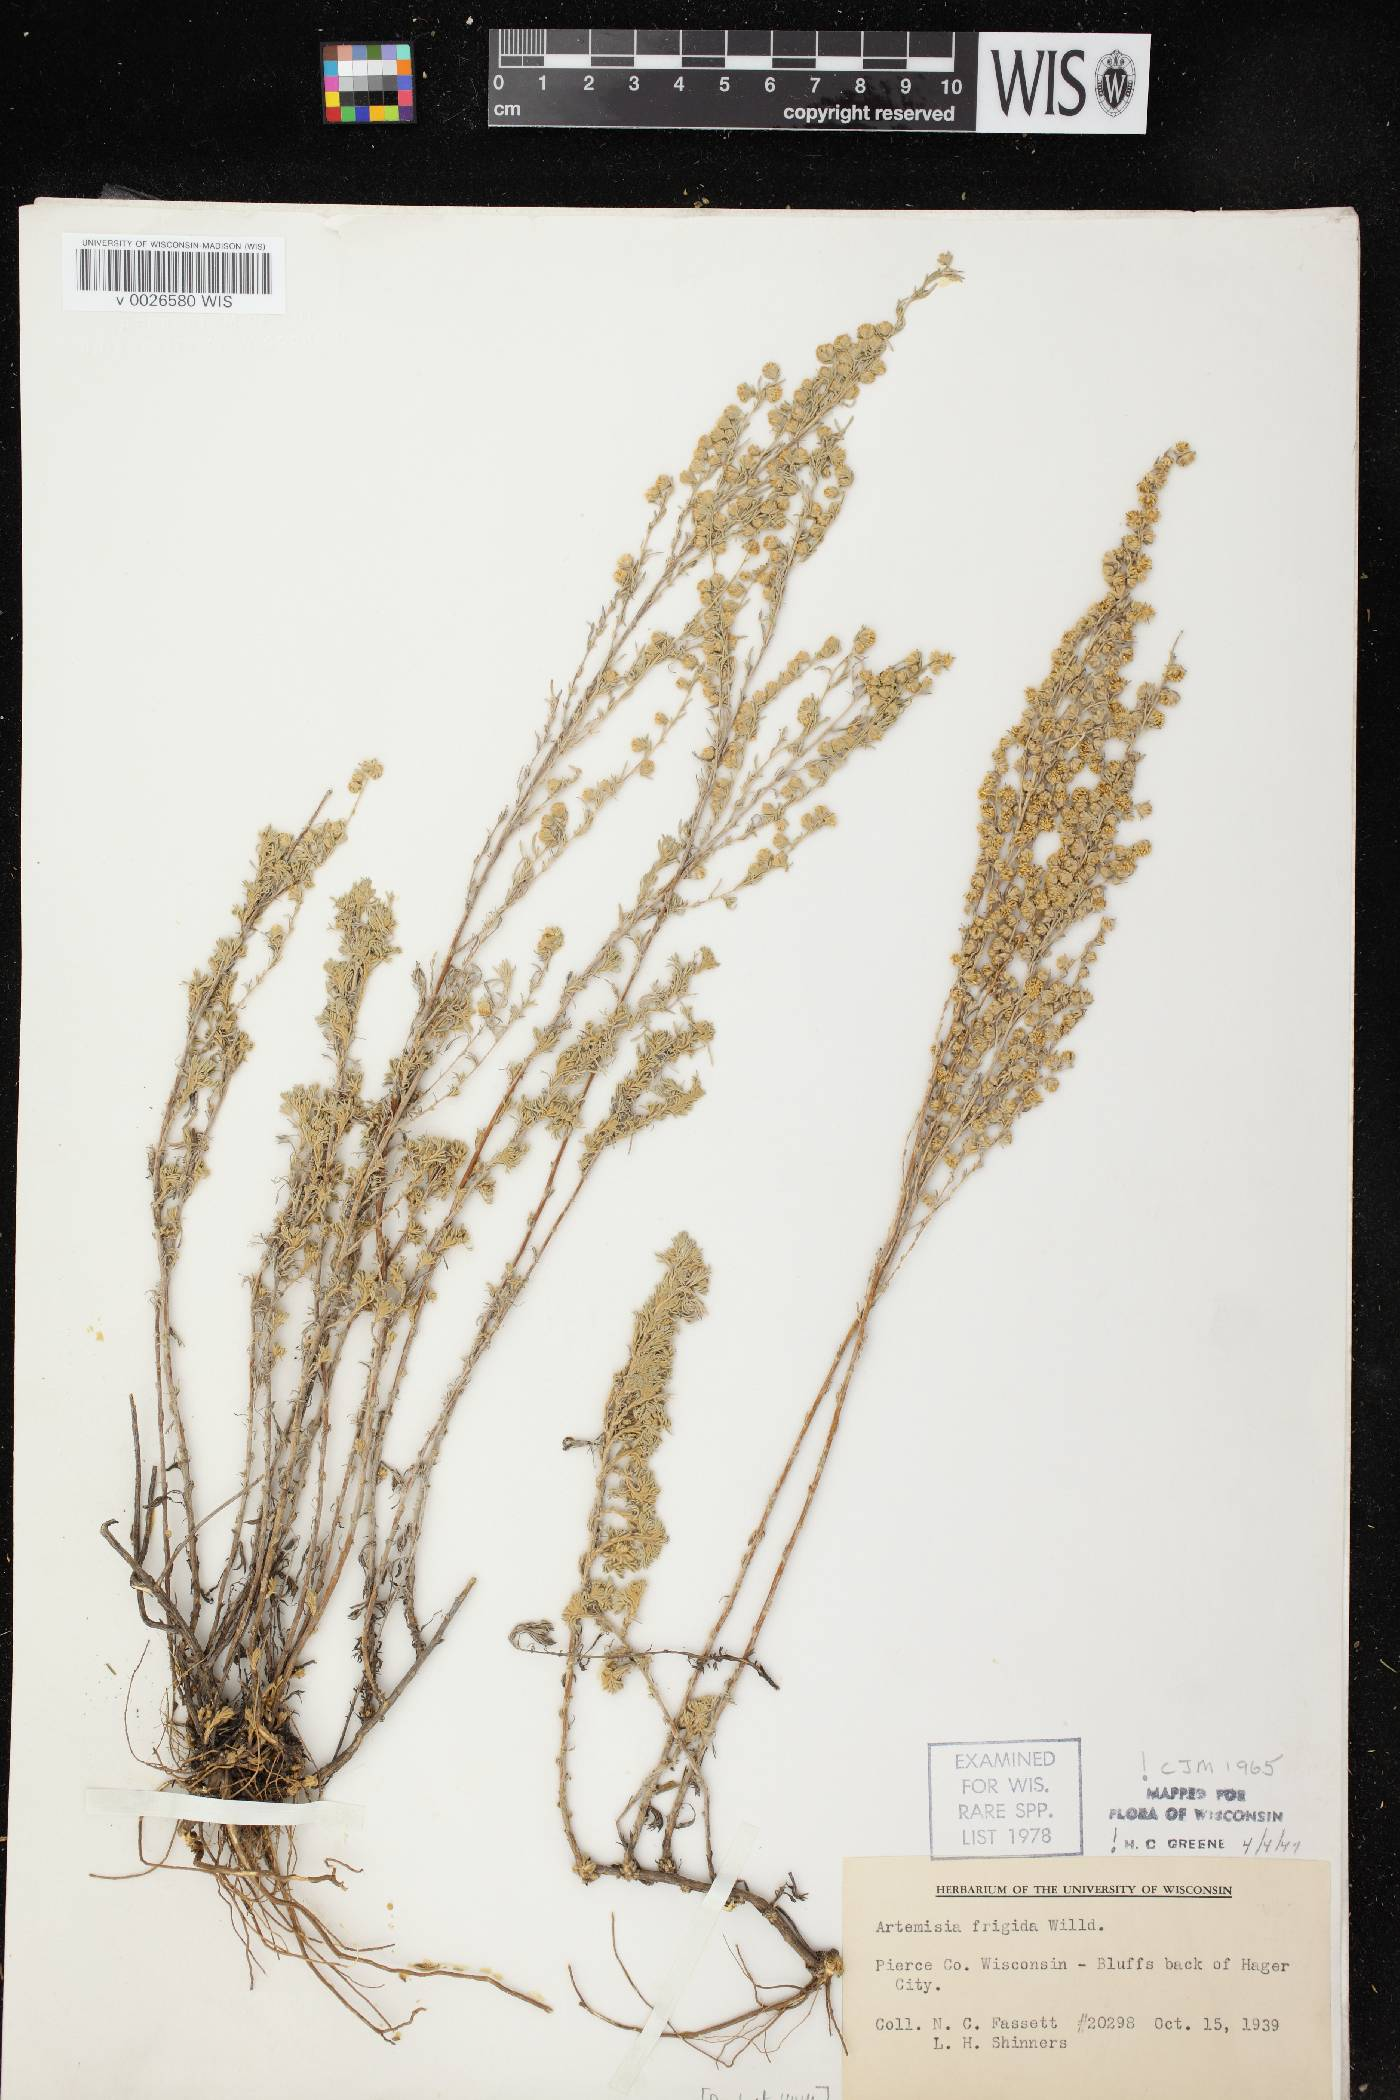 Artemisia frigida image